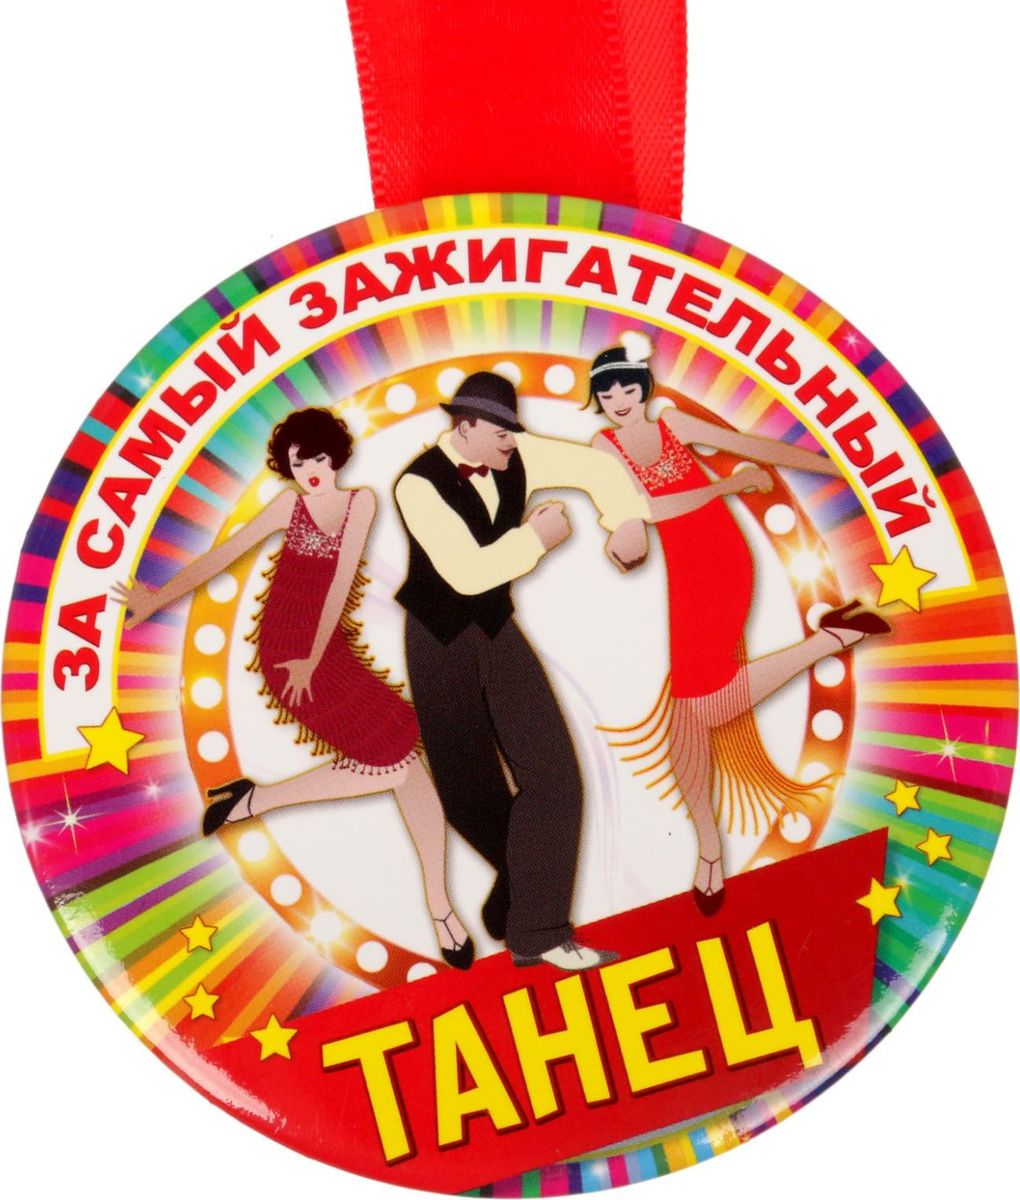 Медаль сувенирная За самый зажигательный танец, диаметр 7,6 см1902547Невозможно представить нашу жизнь без праздников! Мы всегда ждем их и предвкушаем, обдумываем, как проведём памятный день, тщательно выбираем подарки и аксессуары, ведь именно они создают и поддерживают торжественный настрой.Медаль сувенирная За самый зажигательный танец - это отличный выбор, который привнесет атмосферу праздника в ваш дом!